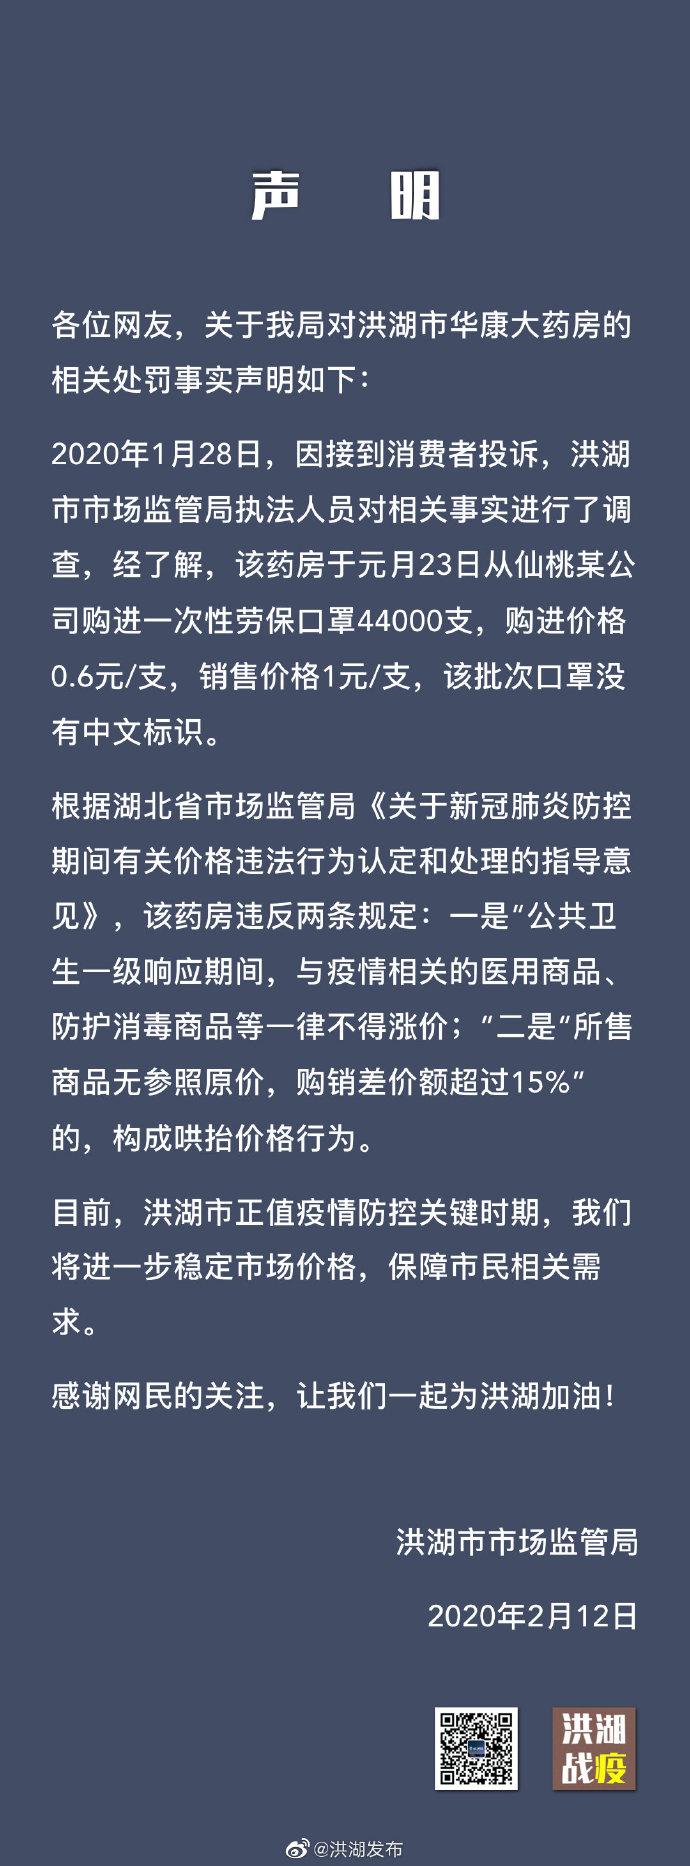 花旗:小米集团维持买入评级目标价13港元